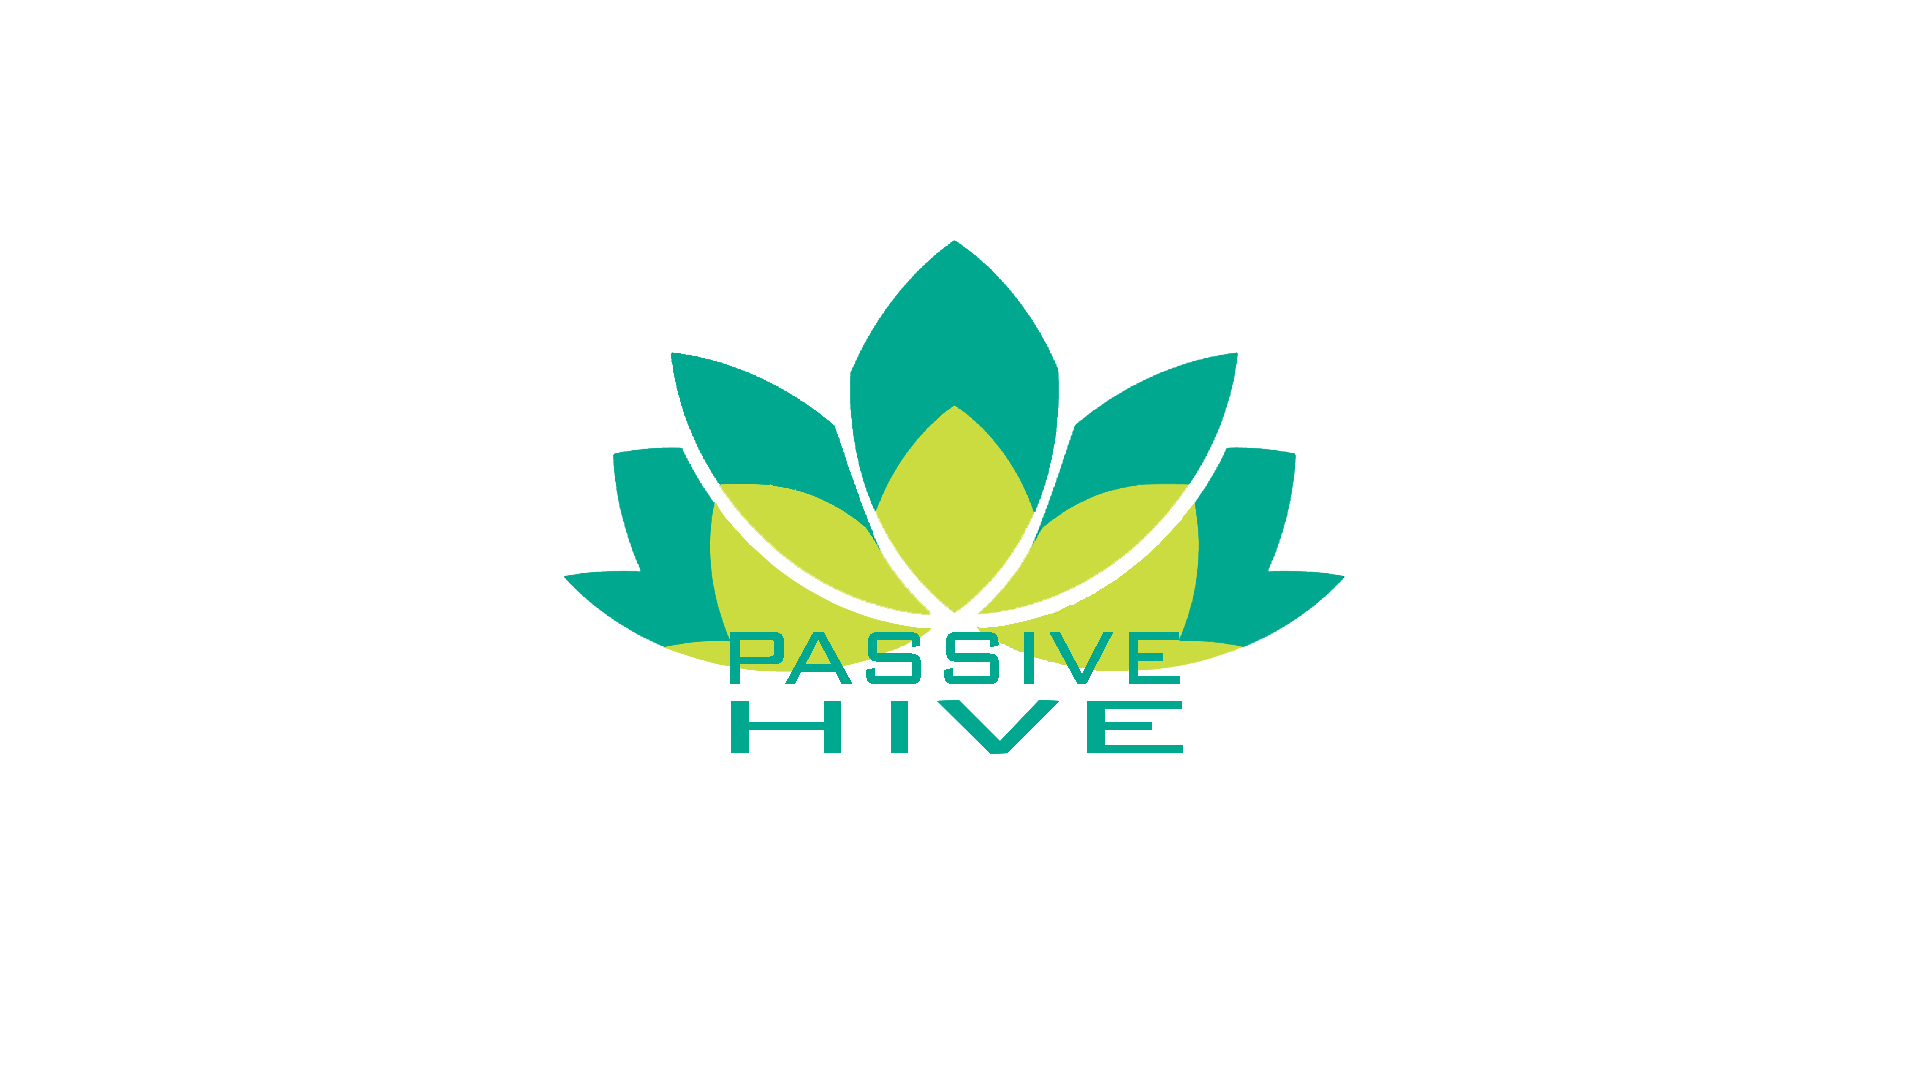 Passive Hive